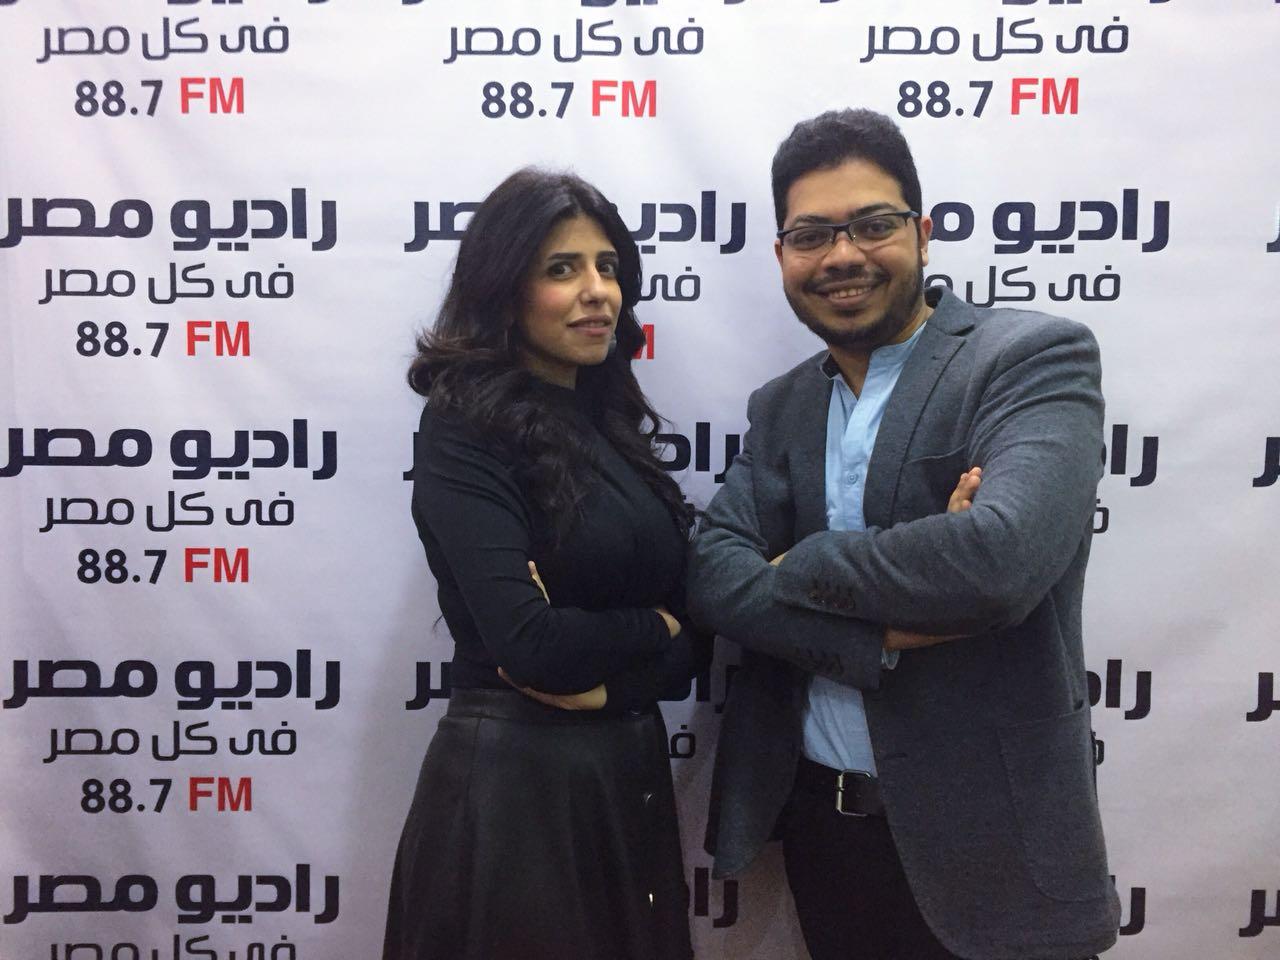 احتفالية راديو مصر (20)